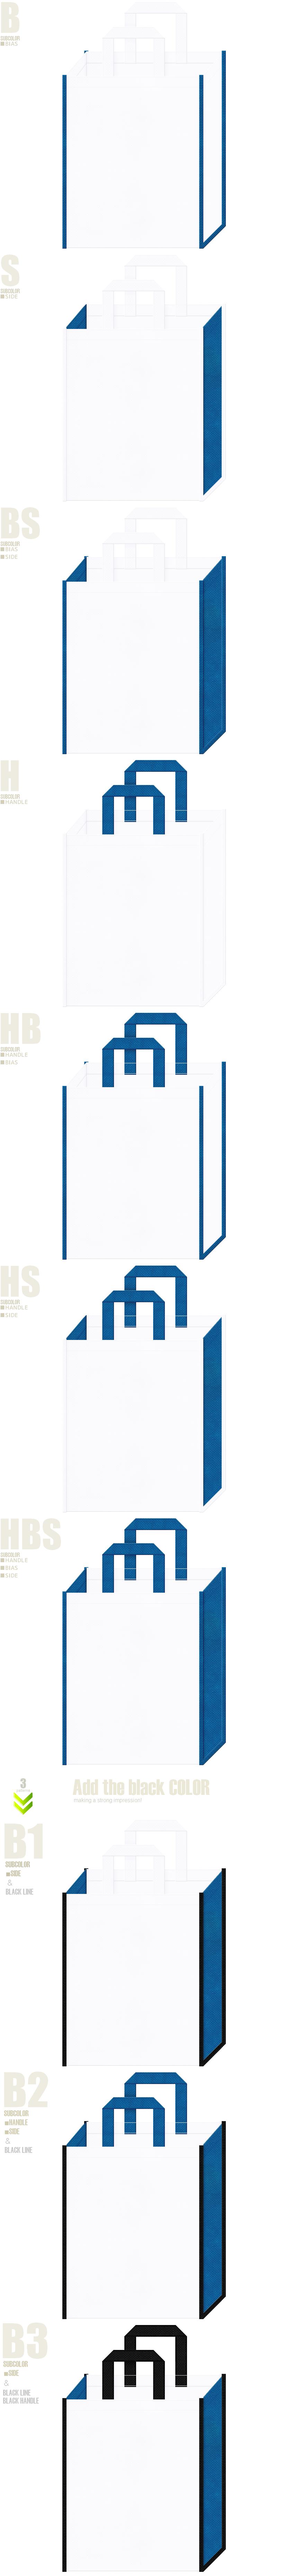 展示会用バッグ・スポーツイベント・サマーイベント・アクアリウム・ビーチ用品・DHA・水と環境・水資源・CO2削減・環境セミナー・環境イベント・ボート・ヨット・飛行機・IT・AI・LED・IOT・センサー・電子部品・ロボット・ラジコン・道路標識・水素自動車・ドライブレコーダー・防犯カメラ・セキュリティ・理学部・工学部・水産・学校・学園・オープンキャンパス・学習塾・レッスンバッグにお奨めの不織布バッグデザイン:白色と青色のコーデ10パターン